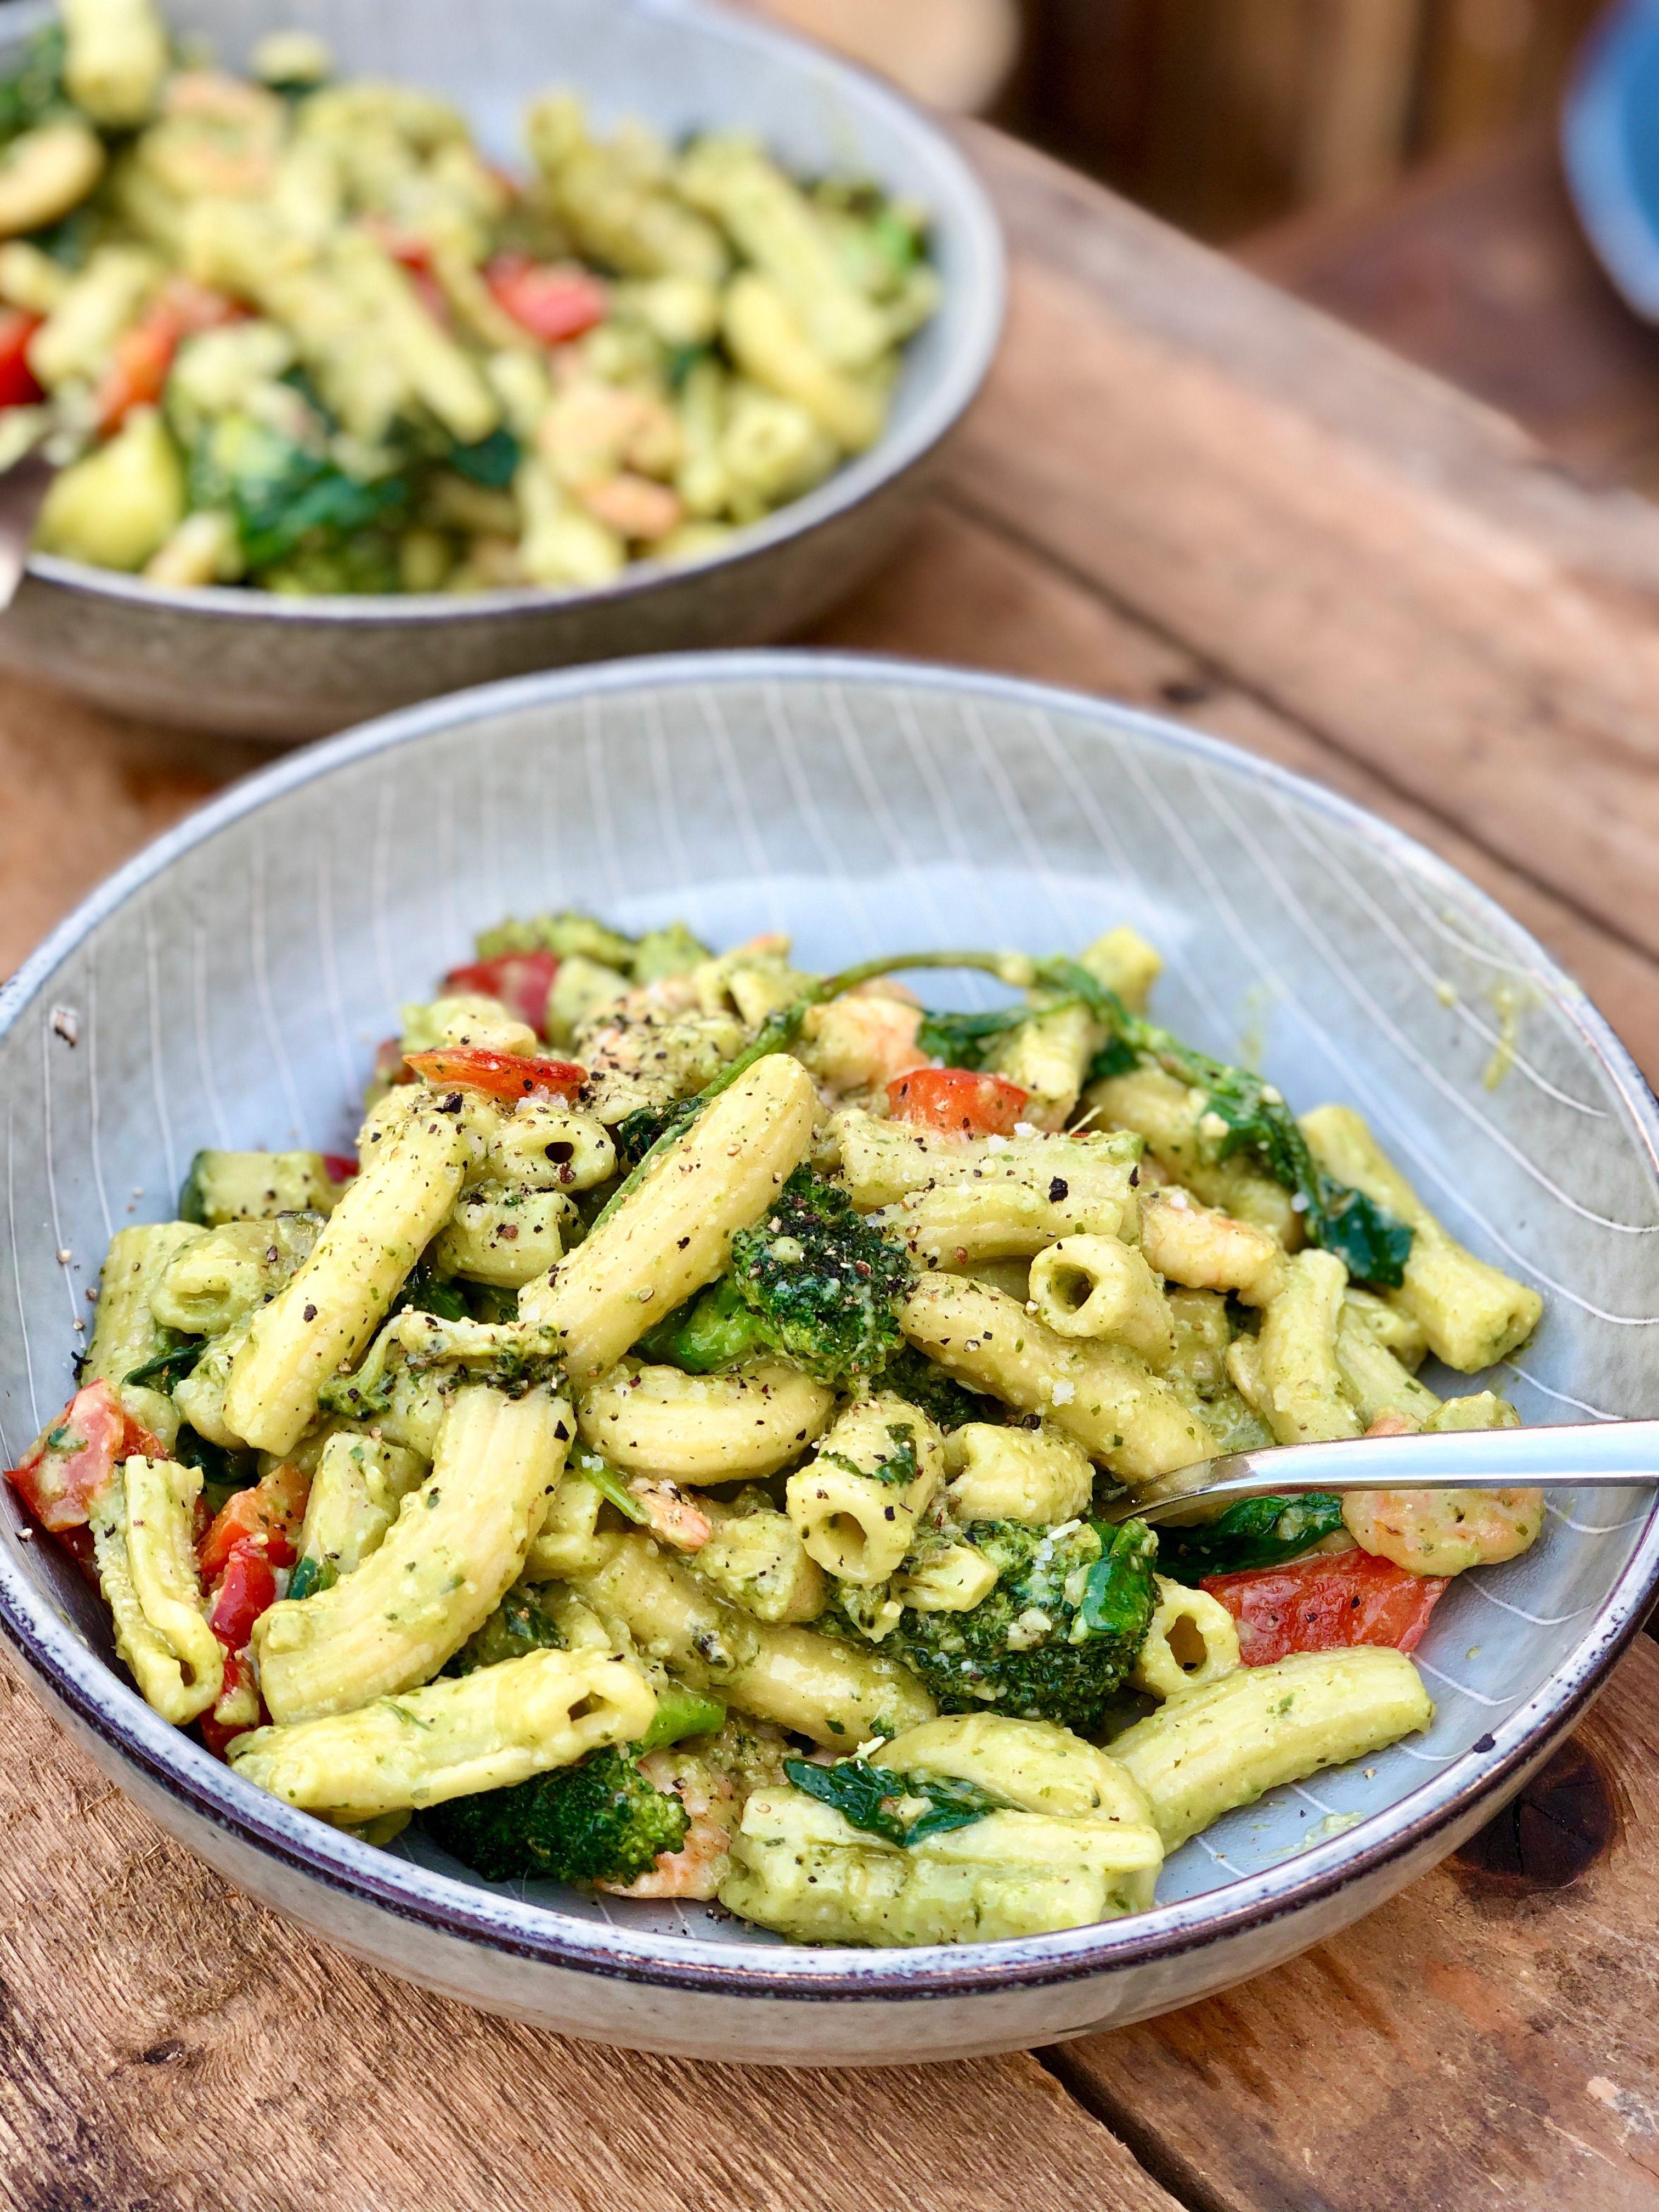 Pasta Pesto Met Broccoli Garnalen En Paprika Gewoon Wat Een Studentje S Avonds Eet Broccoli Salade Recept Gezonde Pasta S Gezonde Maaltijden